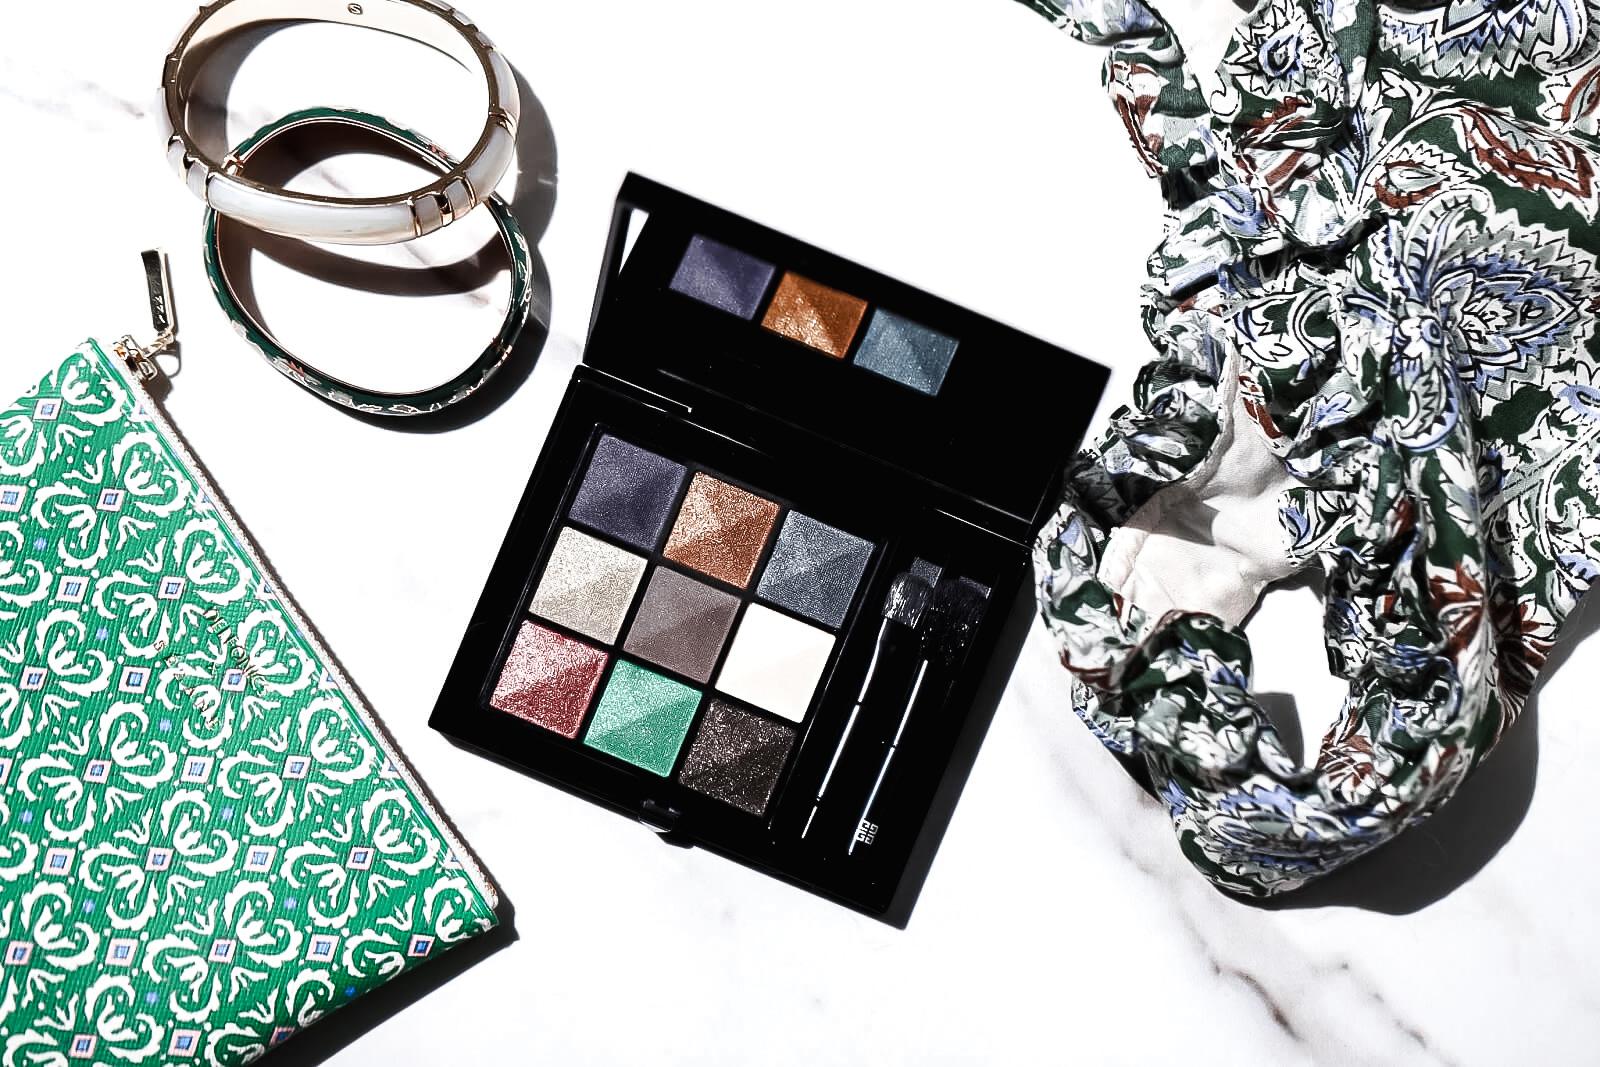 Le 9 De Givenchy Palette avis